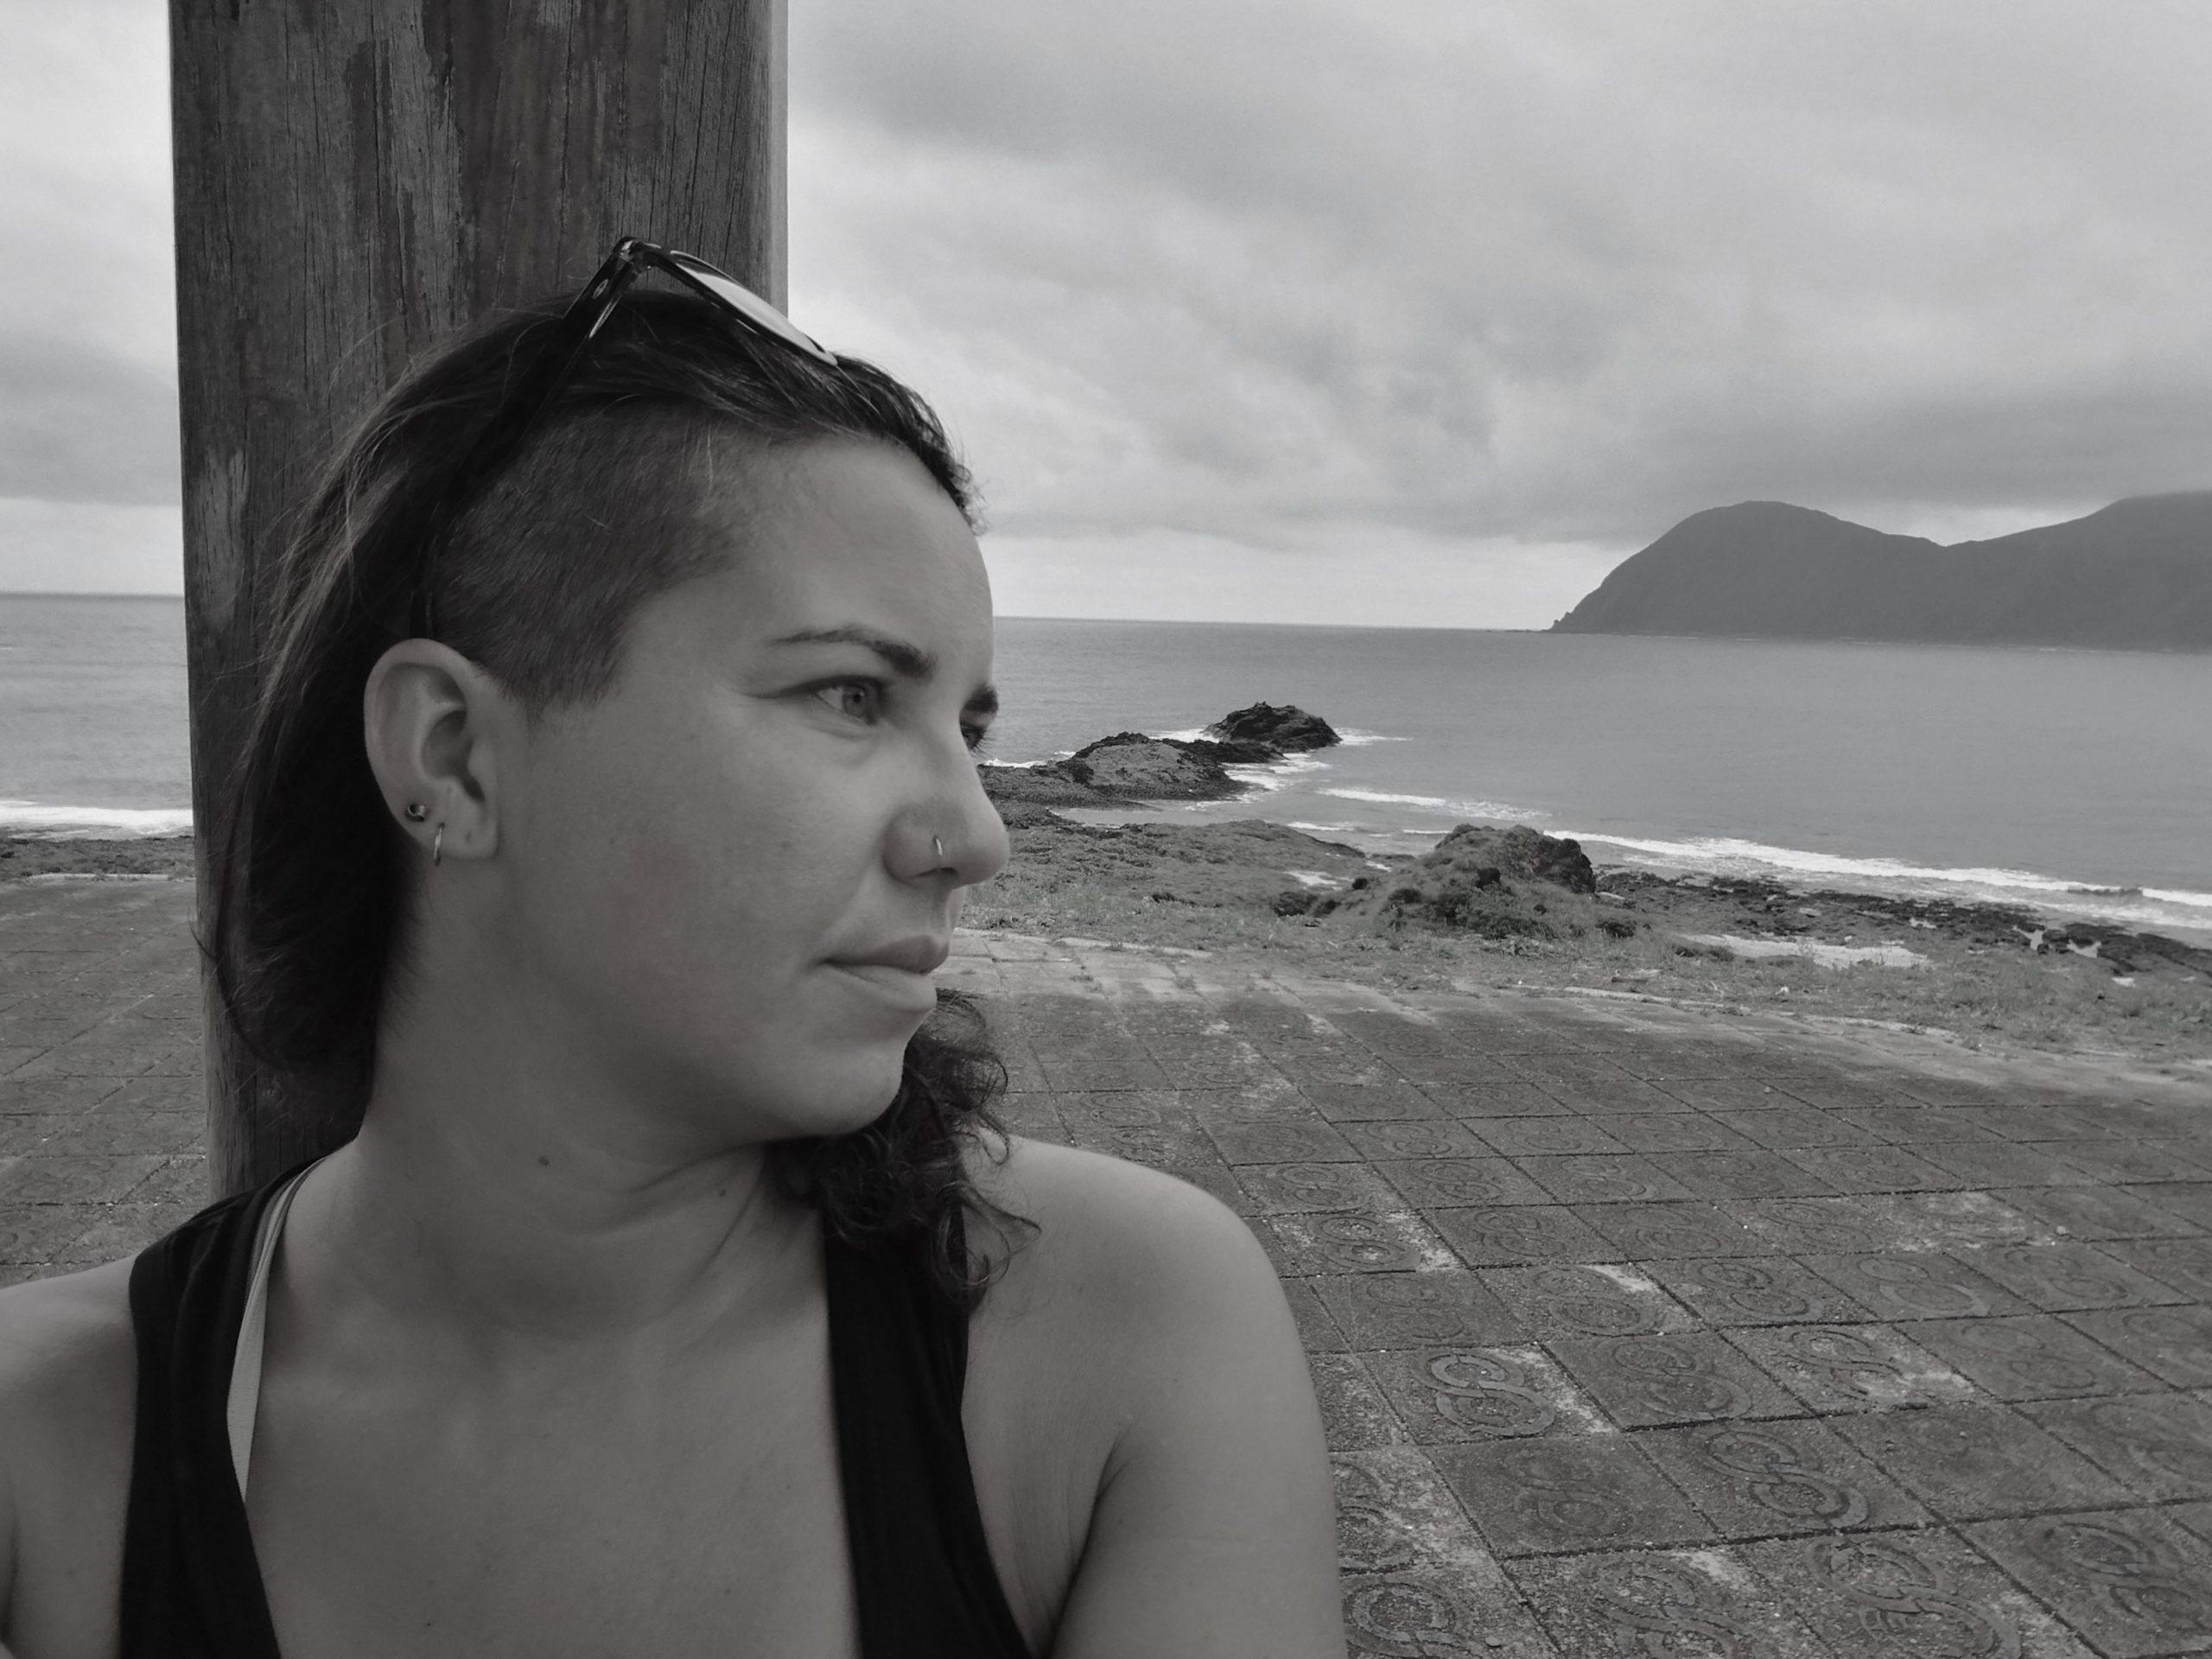 Frau nachdenklich aufs Meer blickendrau